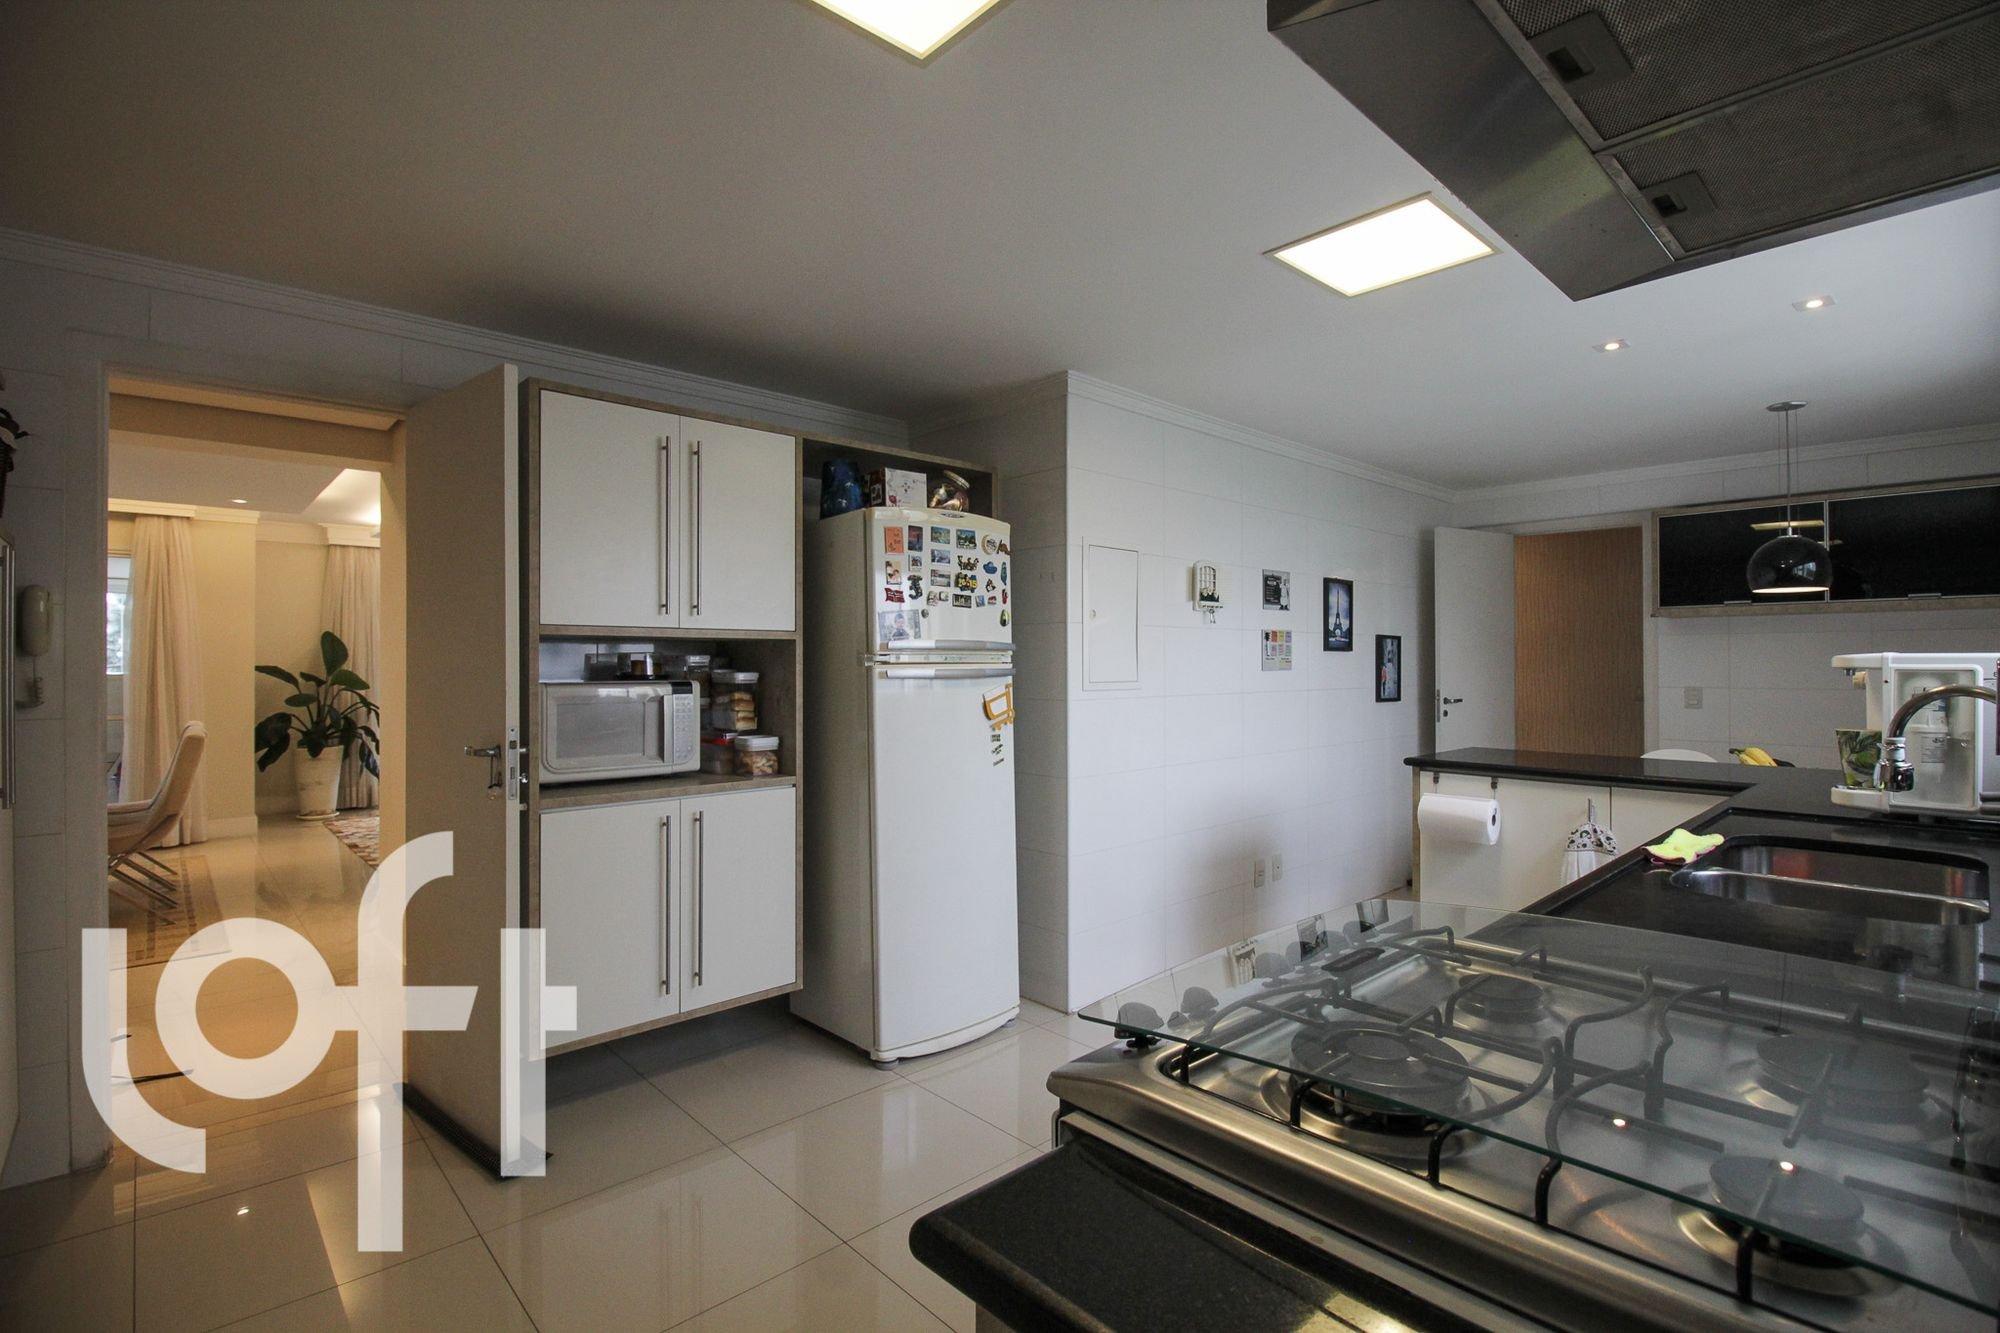 Foto de Cozinha com vaso de planta, forno, geladeira, pia, cadeira, microondas